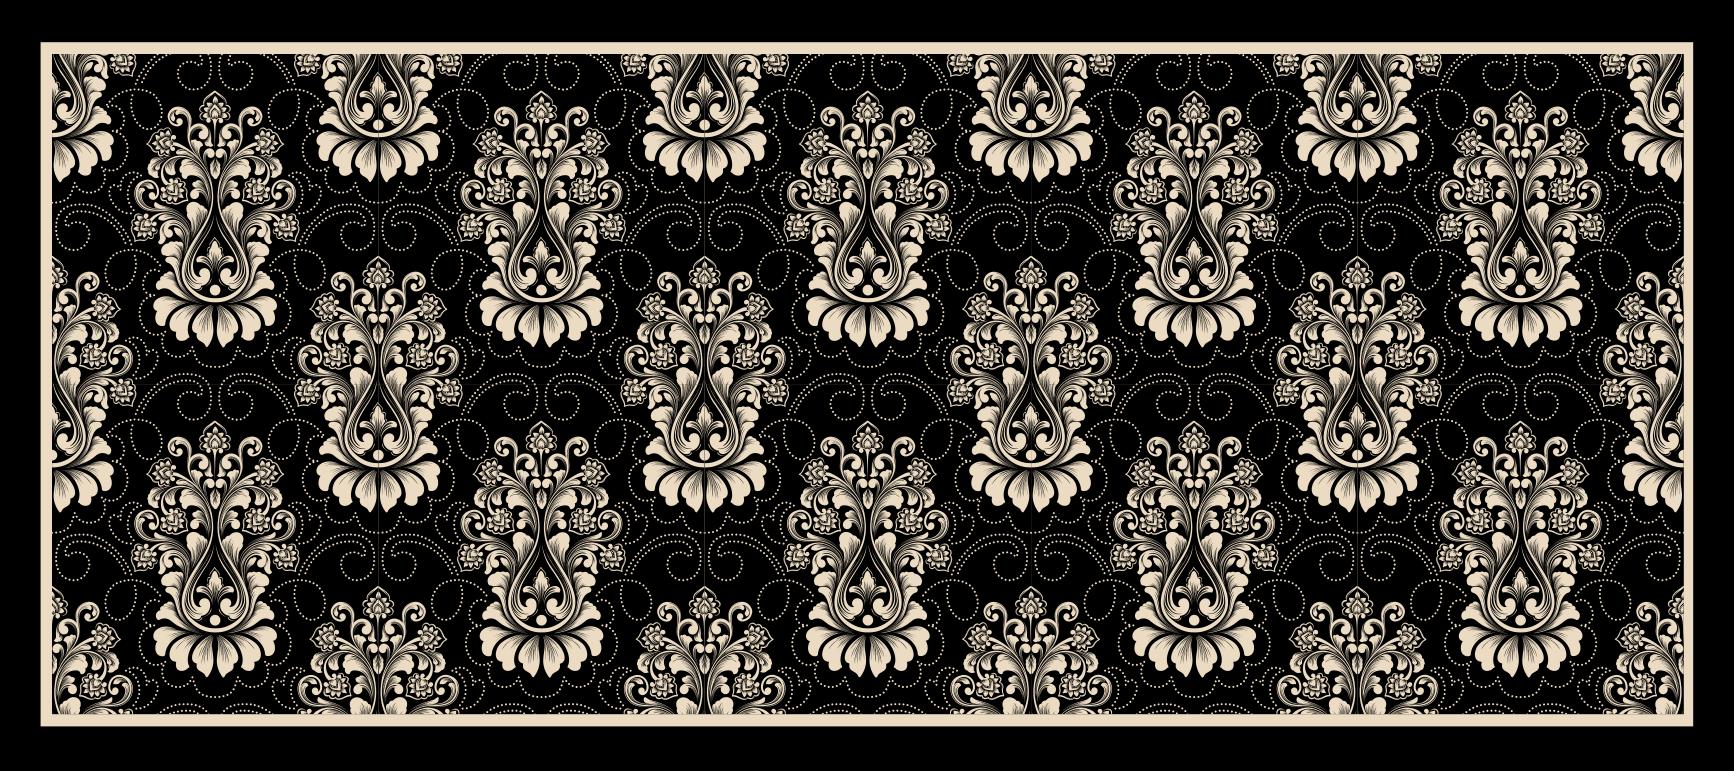 TenStickers. Damask διακοσμητικά πλακάκια σύγχρονα χαλιά. αυθεντικό χαλί από βινύλιο σε μαύρο χρώμα σε διάφορα χρώματα που μπορούν να δώσουν μια πινελιά κομψότητας στο σαλόνι σας. διατίθεται σε 50 χρώματα.